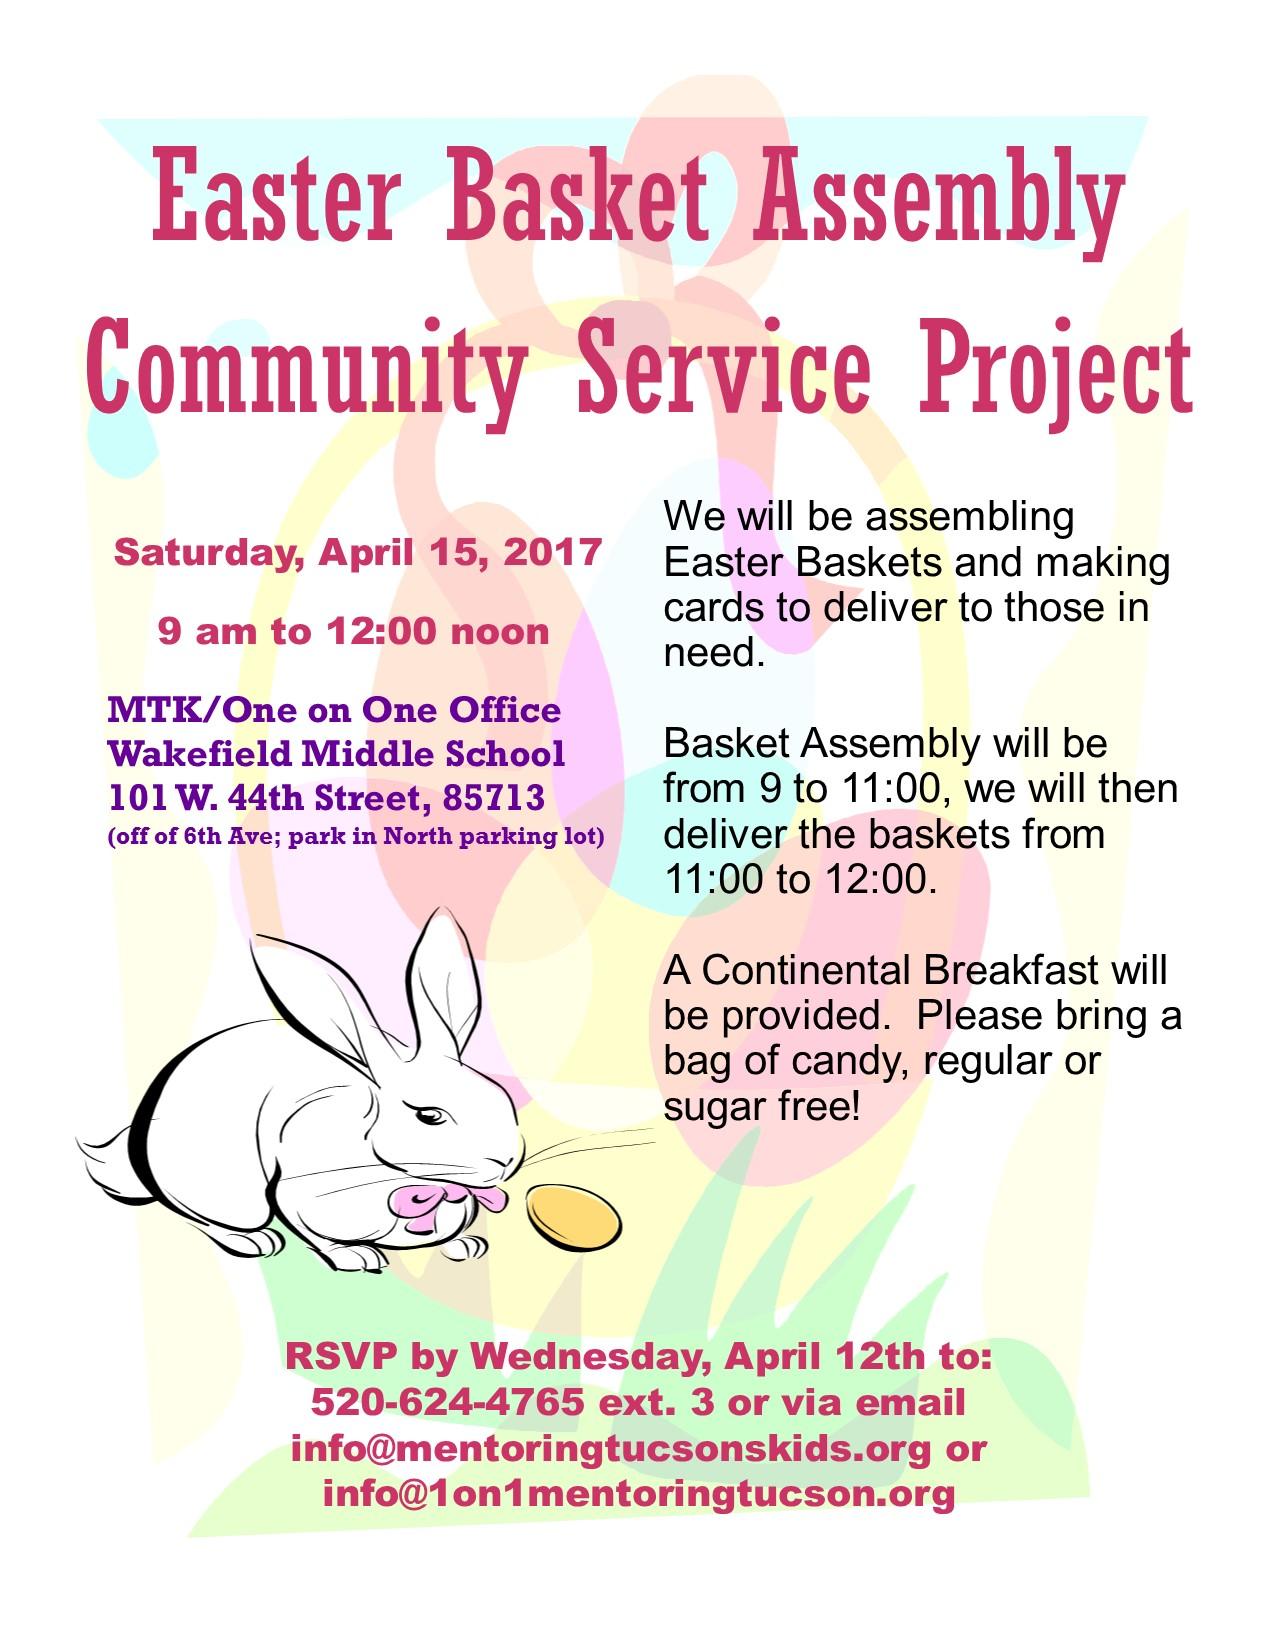 Easter Basket Flyer 2017